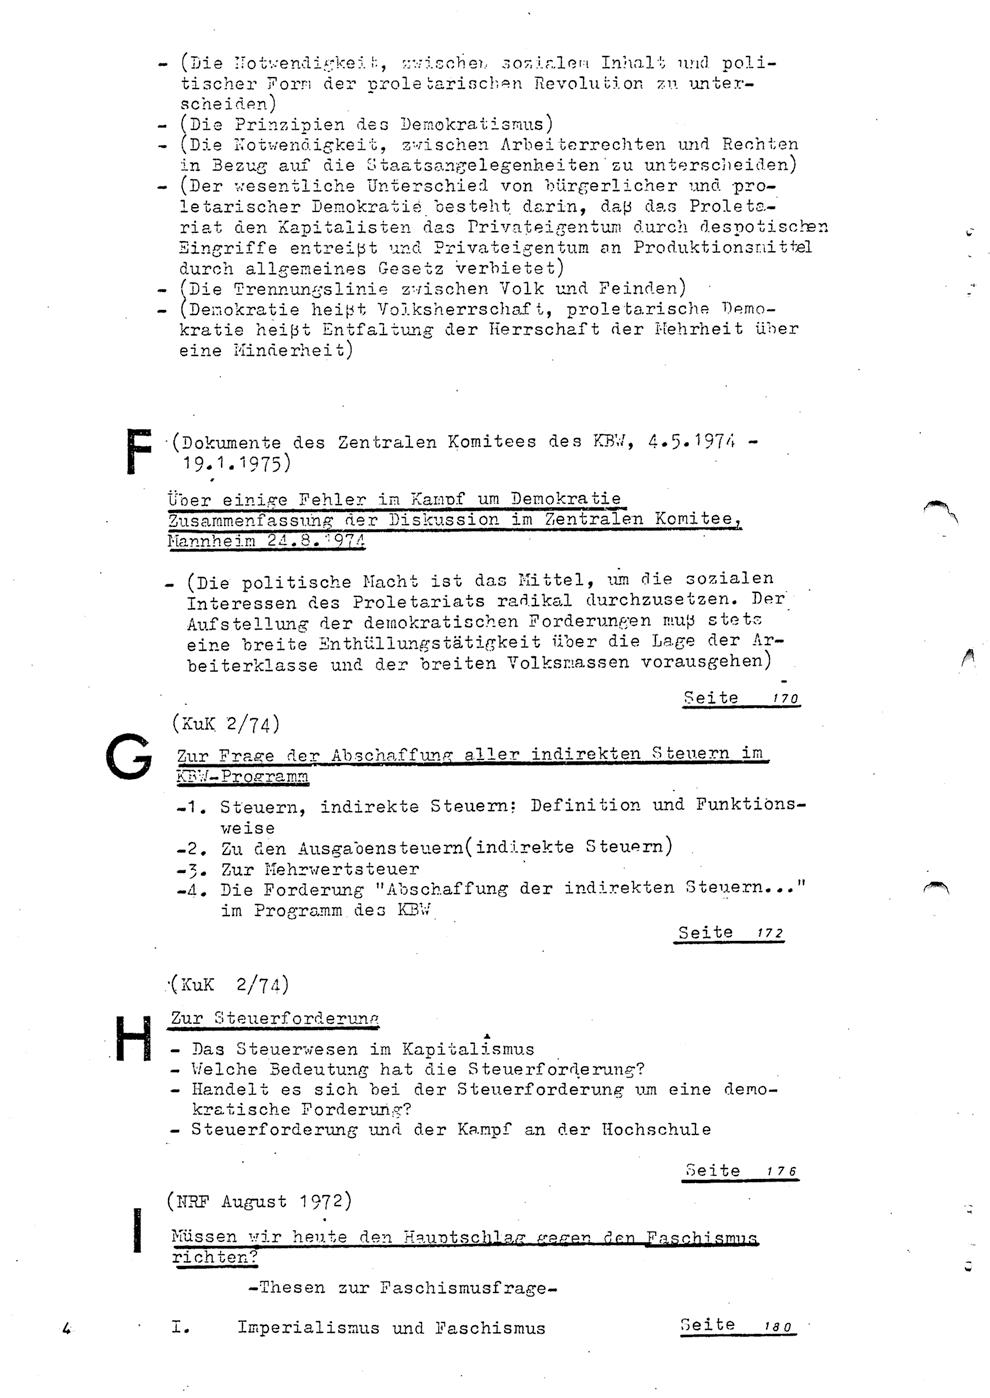 KABRW_Arbeitshefte_1978_31_006